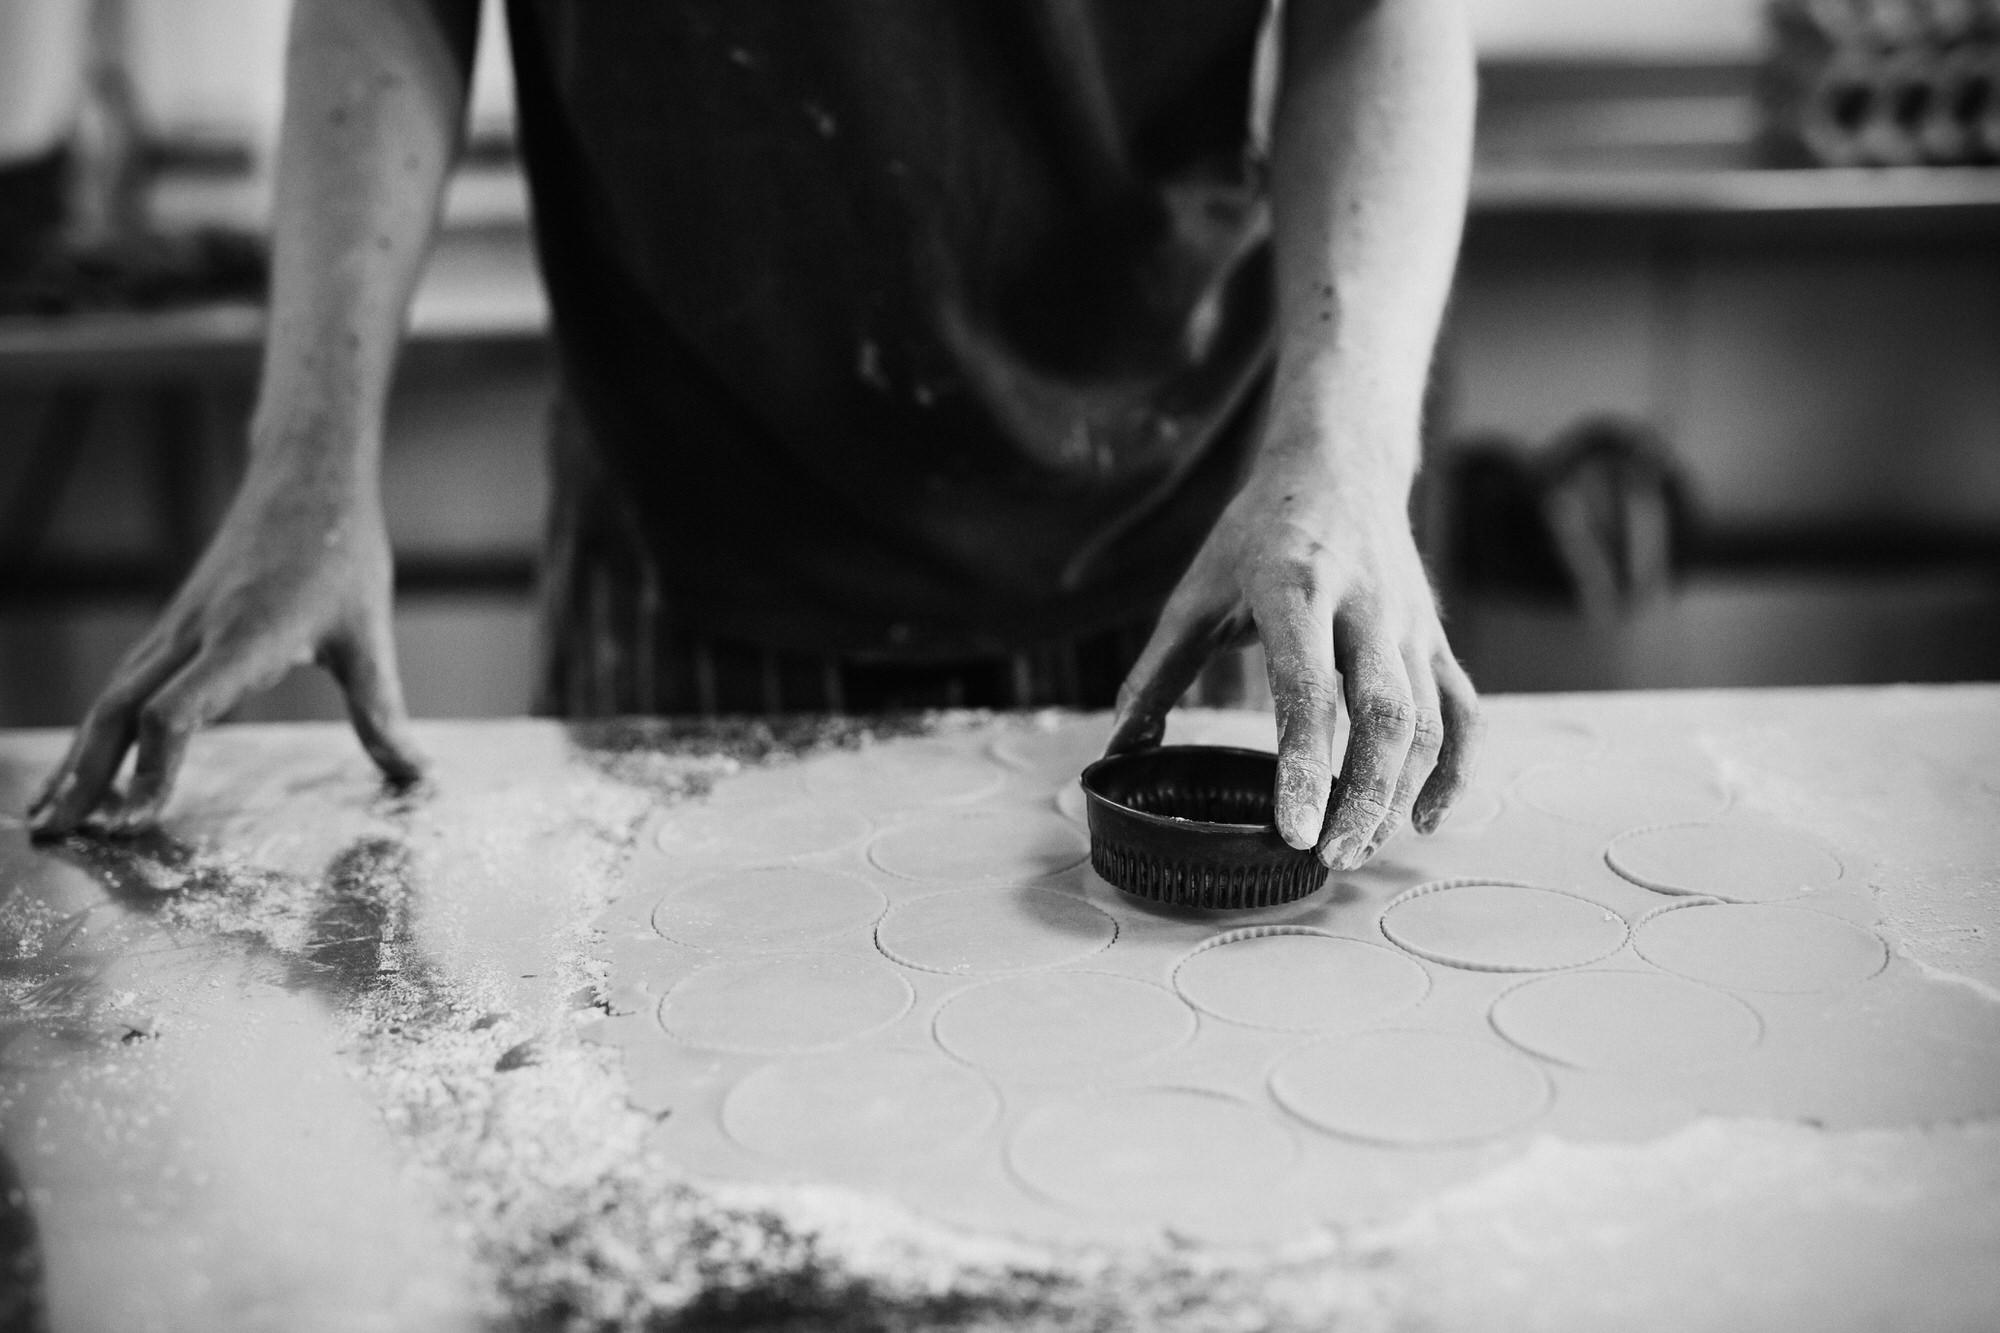 bakery-photography-glasgow-big-bear-bakery-1